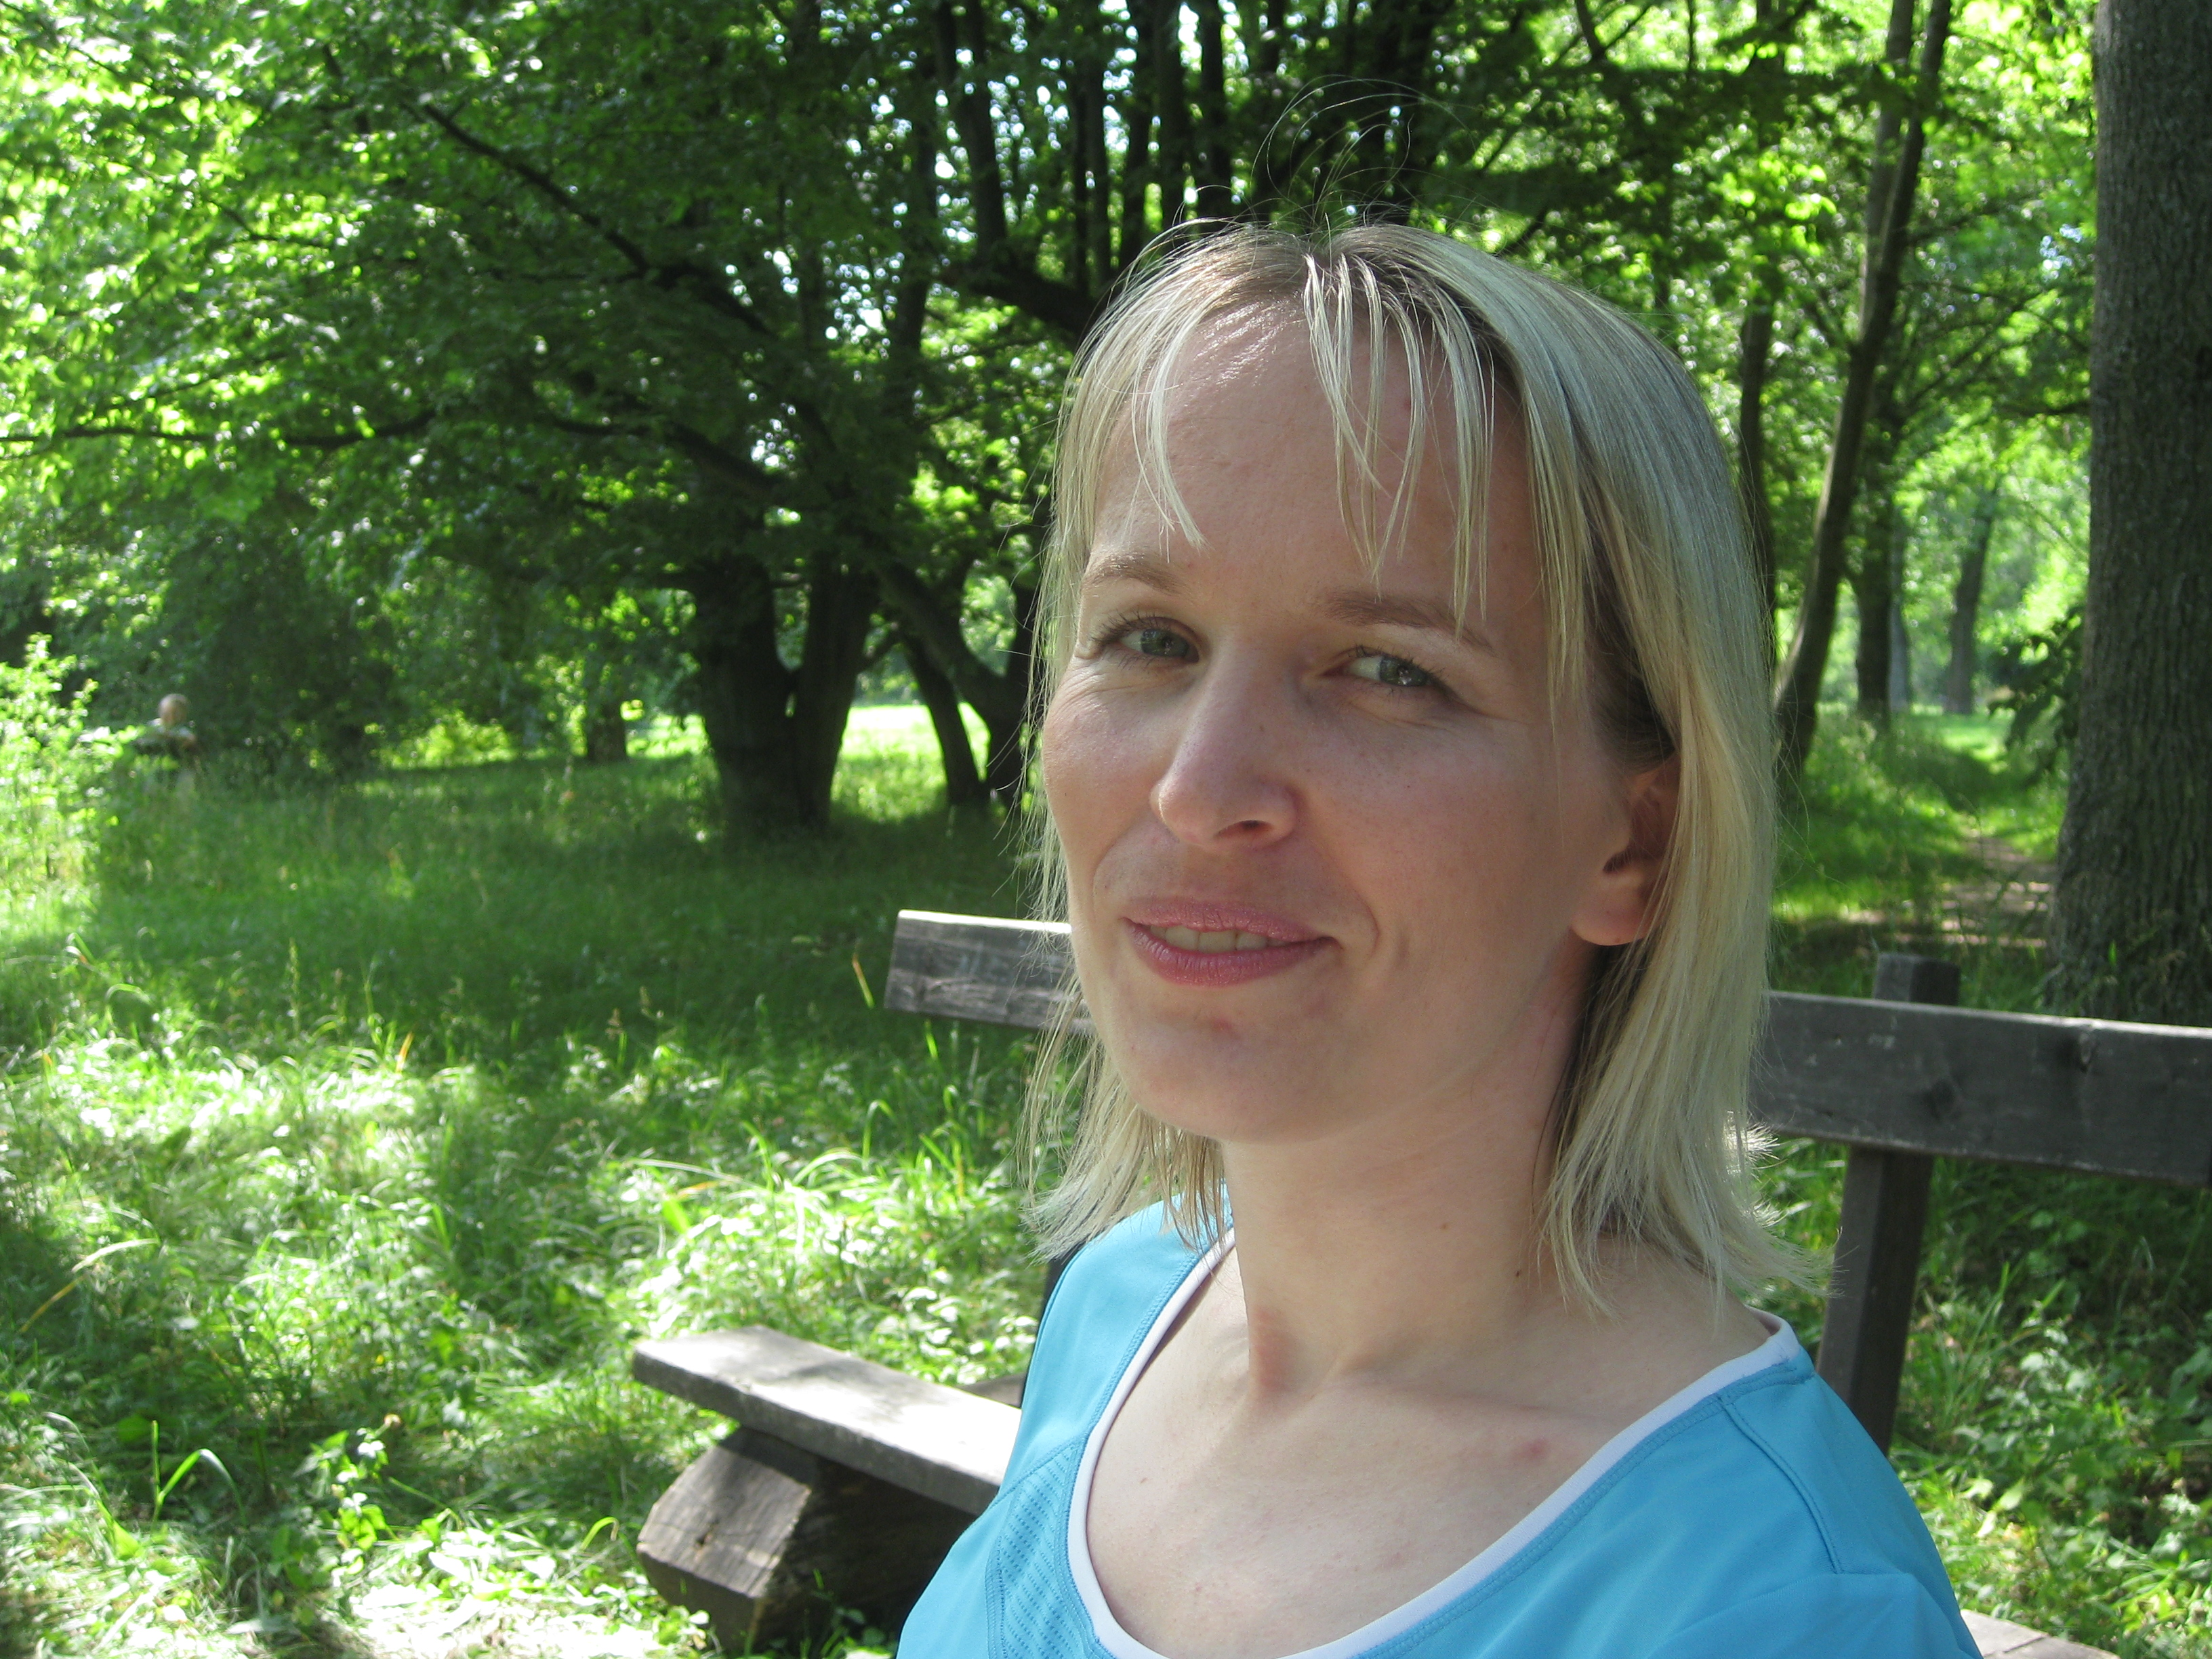 Lucie Kohoutova